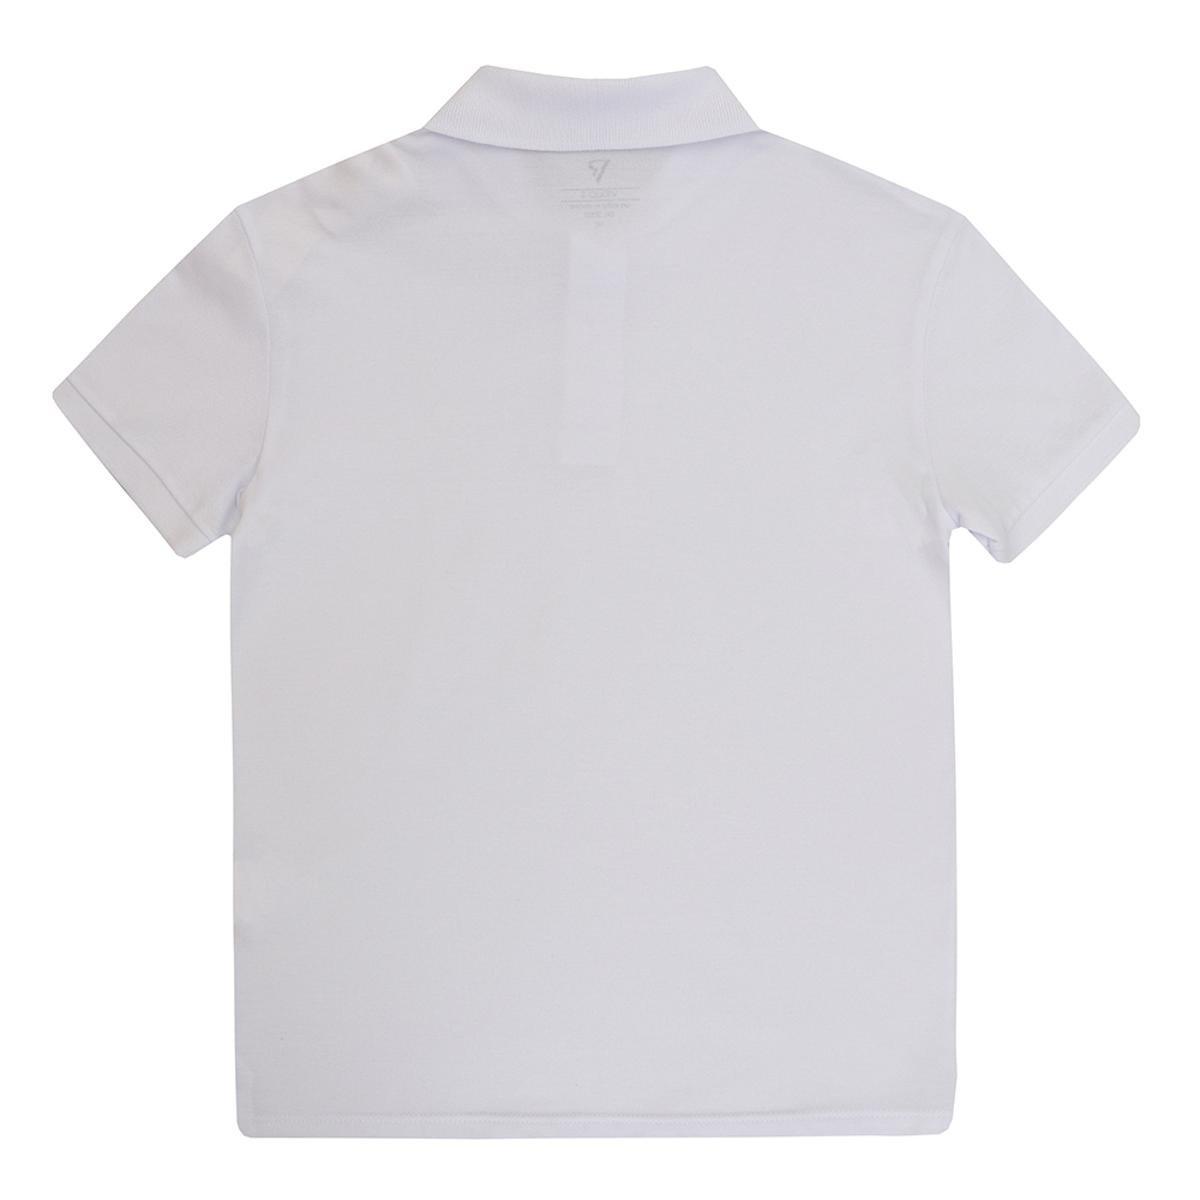 4f74a15ee6 Camisa Polo Infantil VR Kids Básica Masculina - Branco - Compre ...